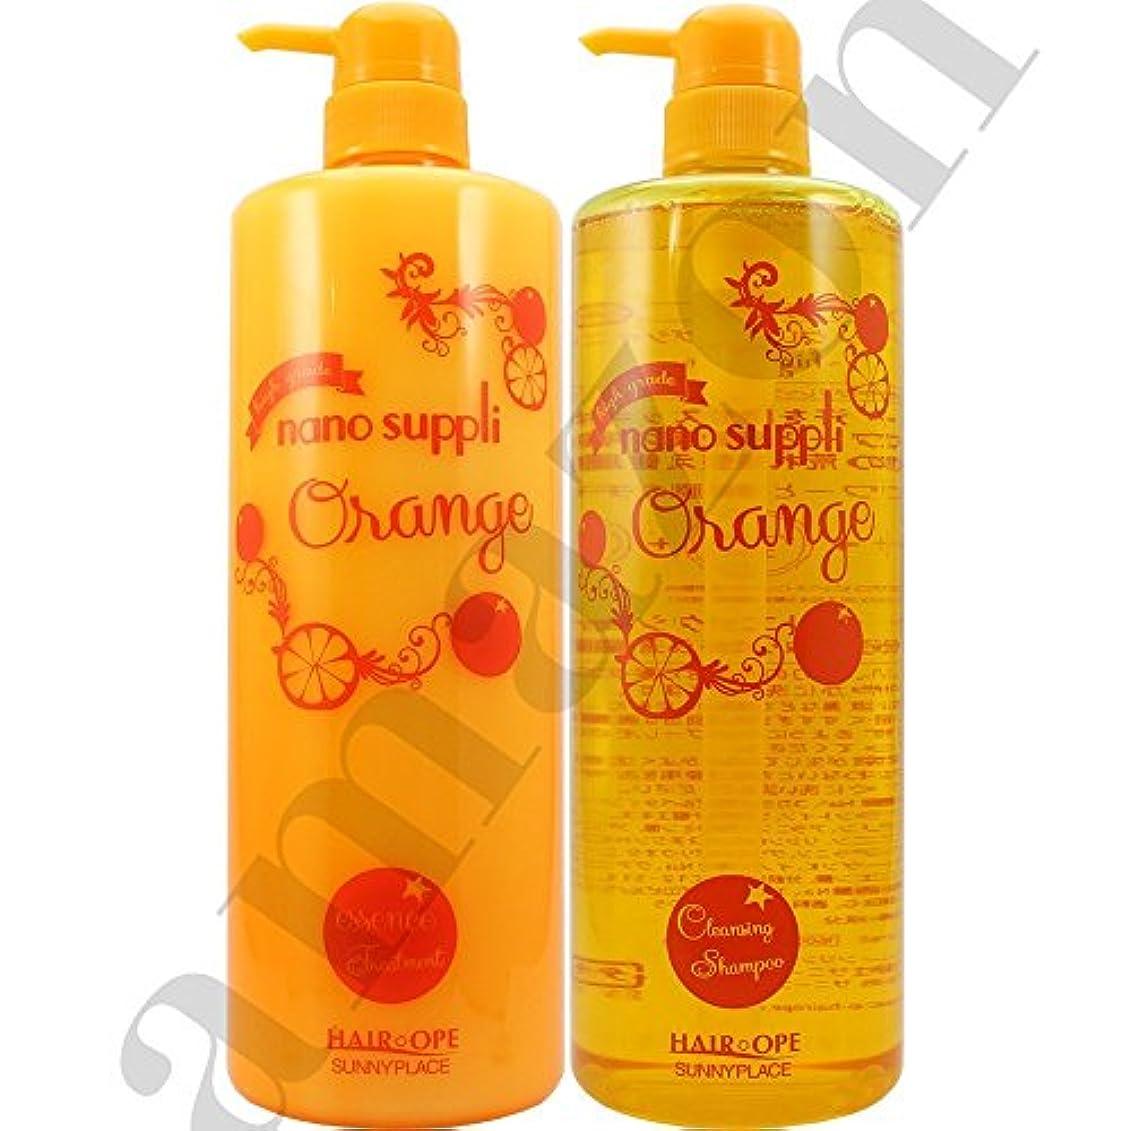 スプーン騒乱ほのめかすサニープレイス ナノサプリ クレンジングシャンプー&コンディショナー オレンジ 1000mlボトルセット